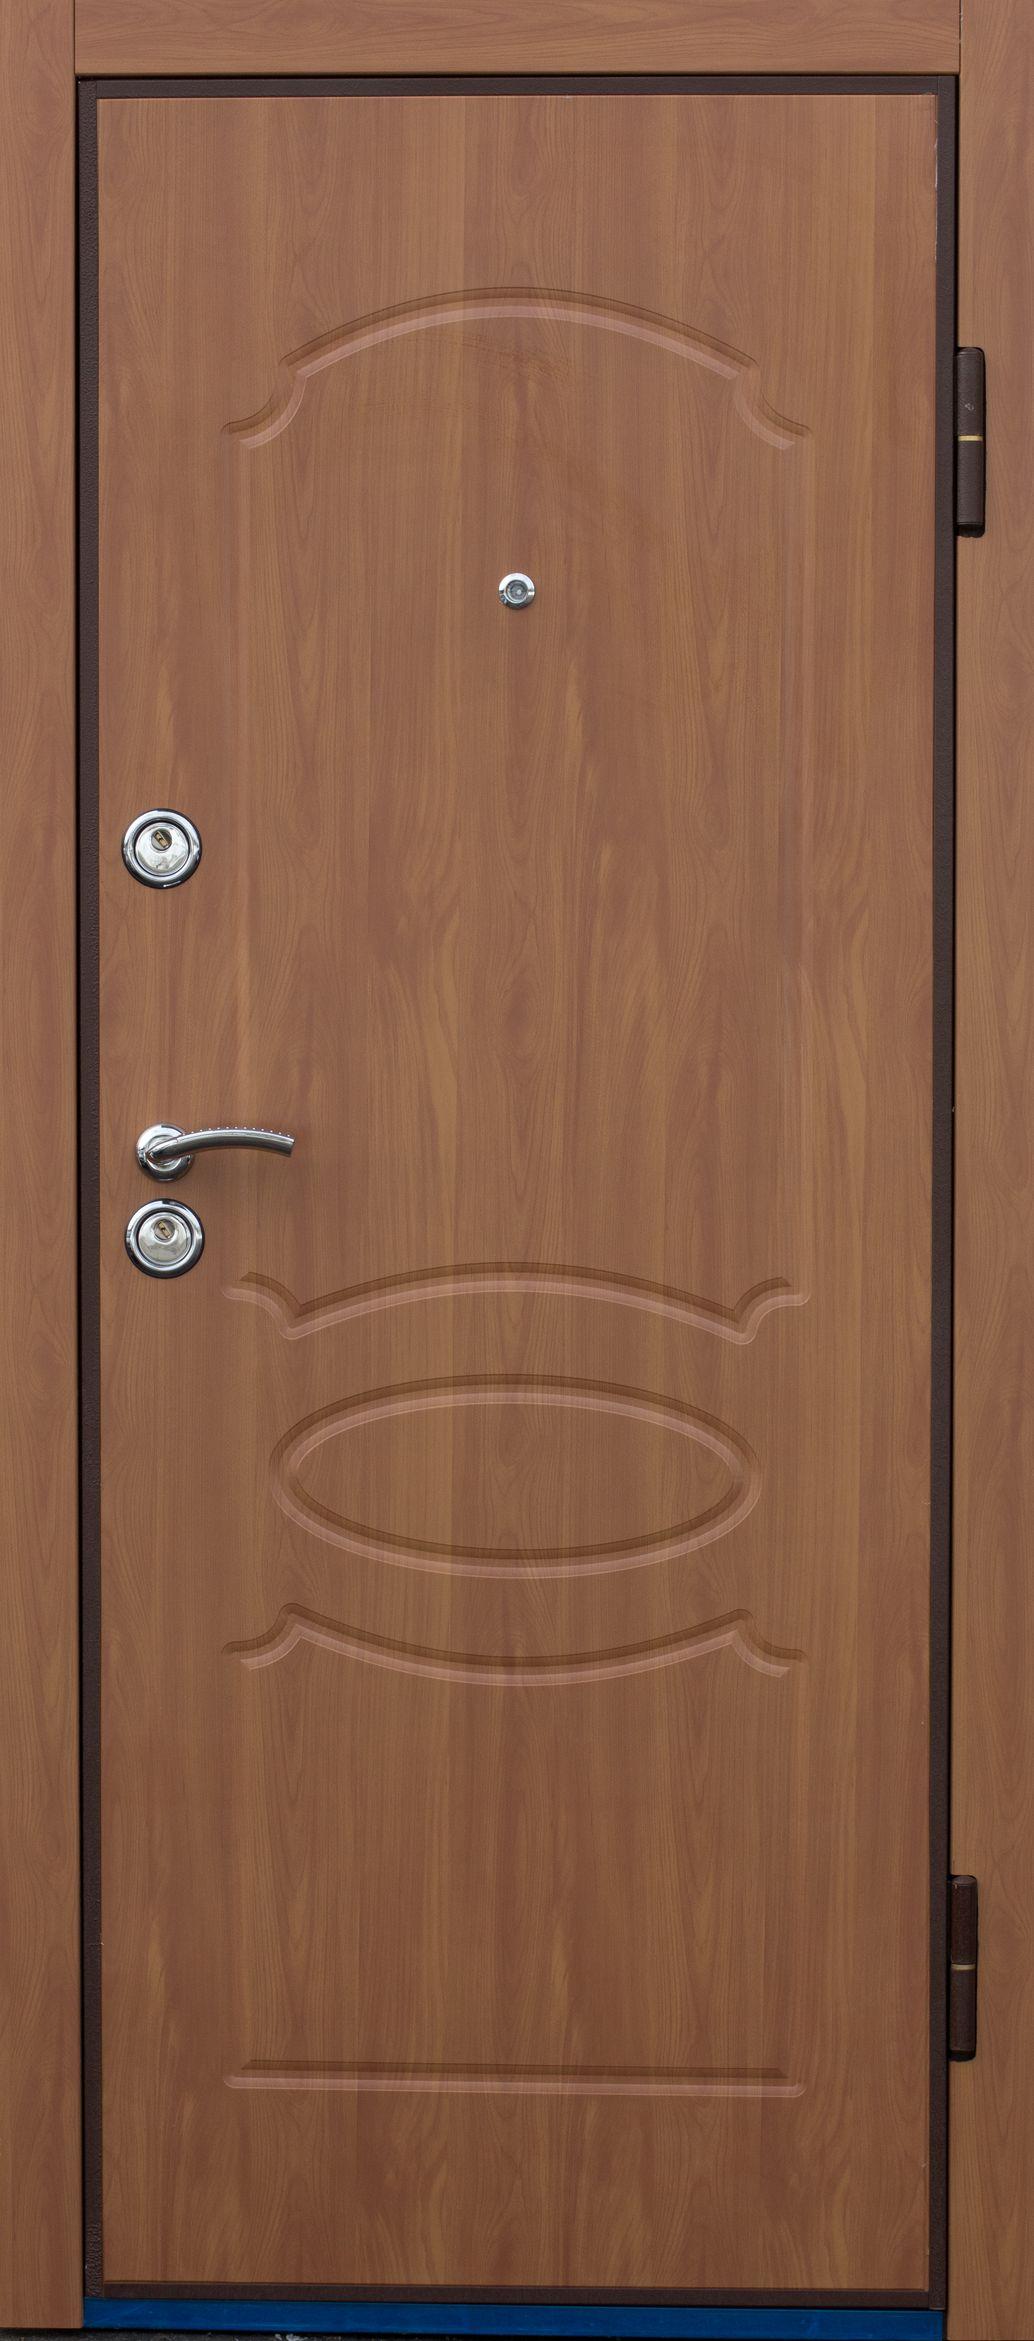 сколько будет стоить входная дверь с установкой